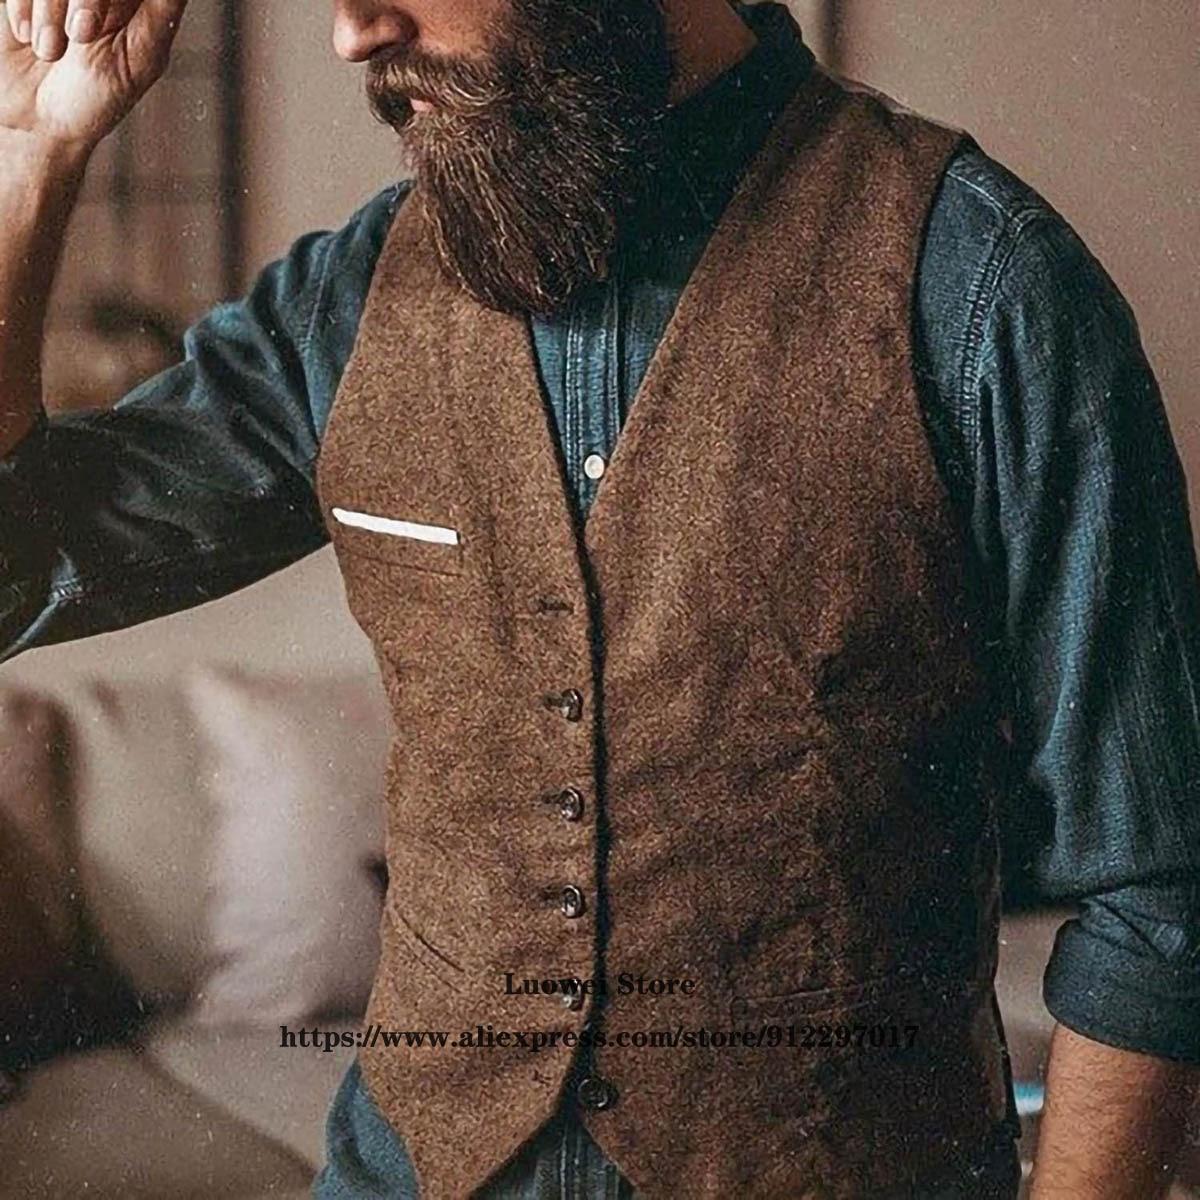 Винтажные мужские костюмы, однотонные Свадебные жилеты в елочку в стиле ретро, мужские деловые облегающие жилеты, мужской жилет для ухода з...